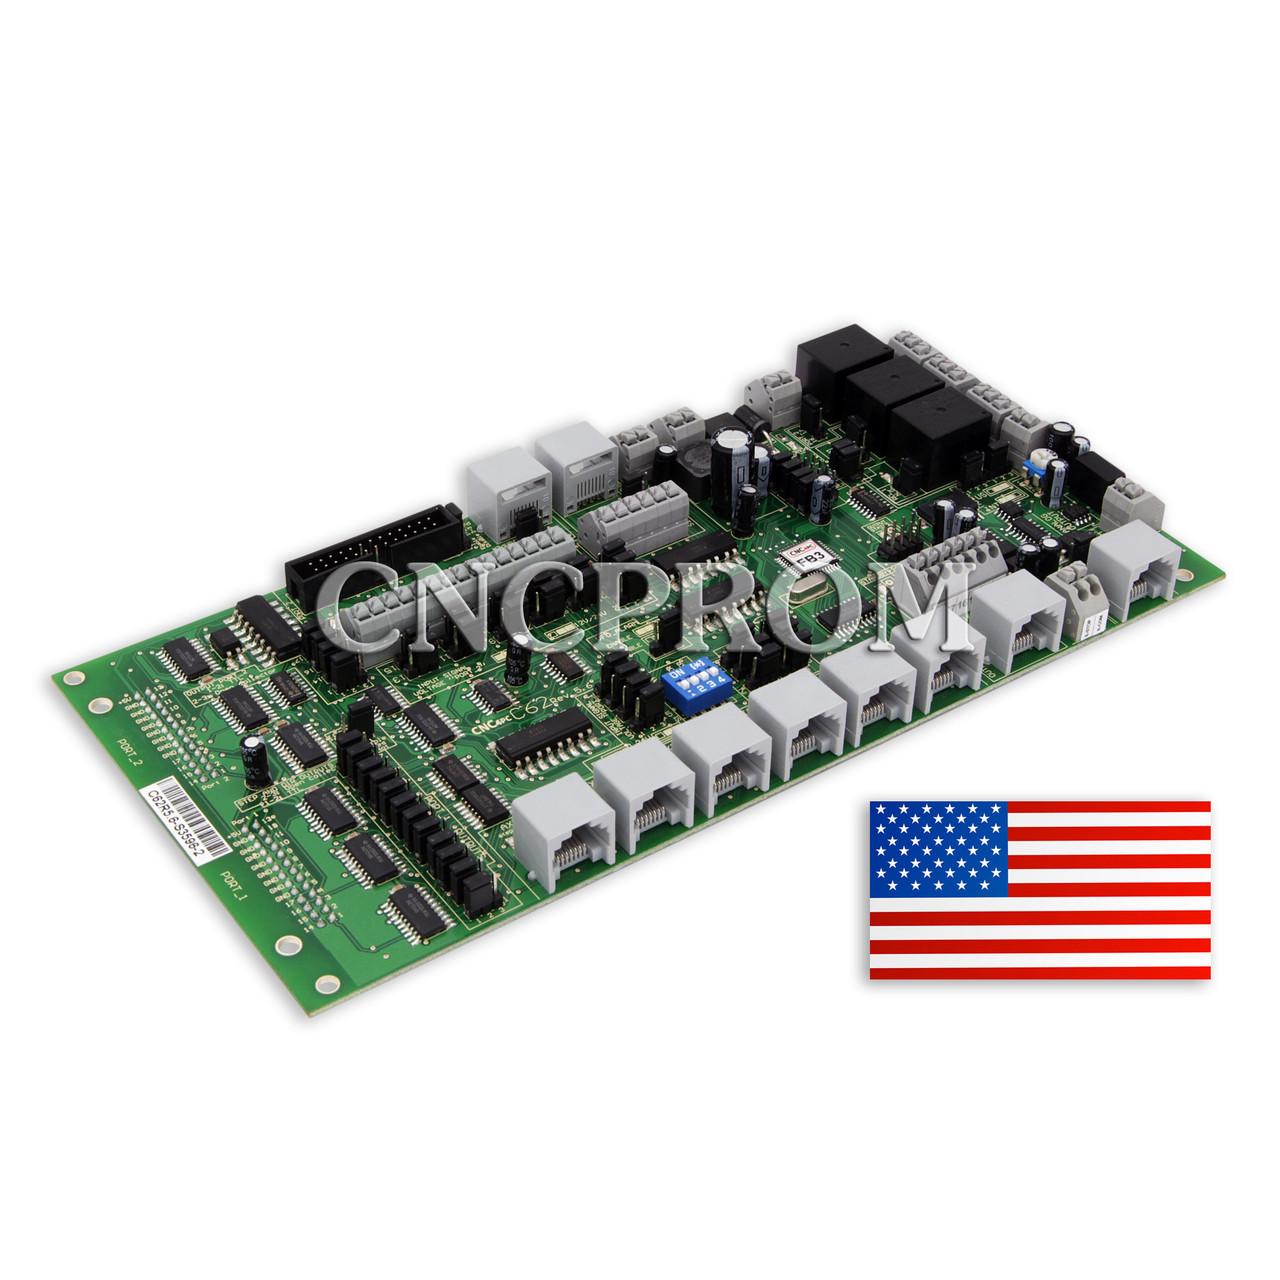 Плата расширения многофункциональная двухпортовая C62 Rev5.6 для контроллера Smooth Stepper